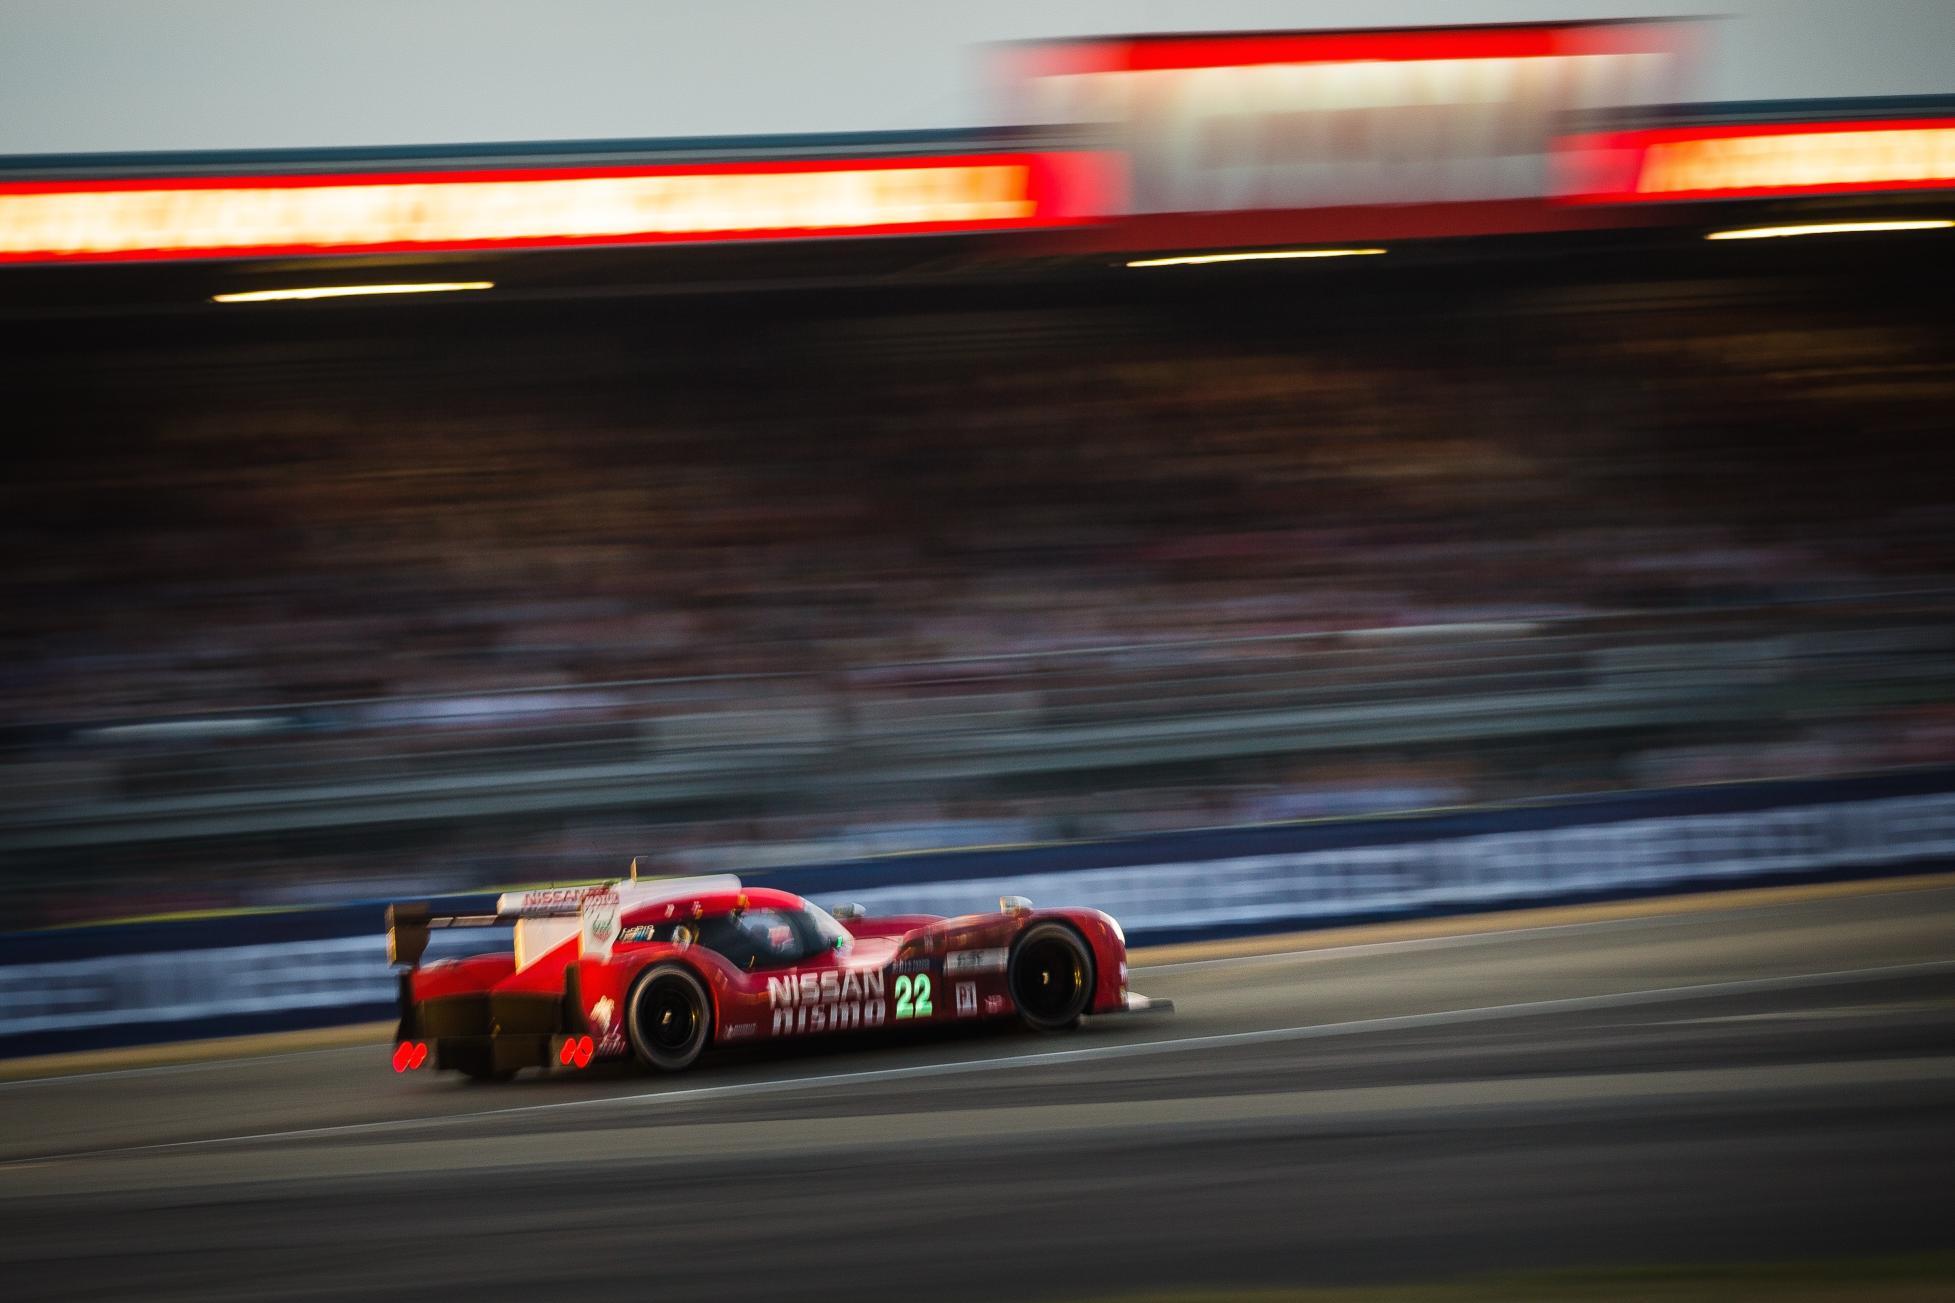 Nissan Le Mans 1